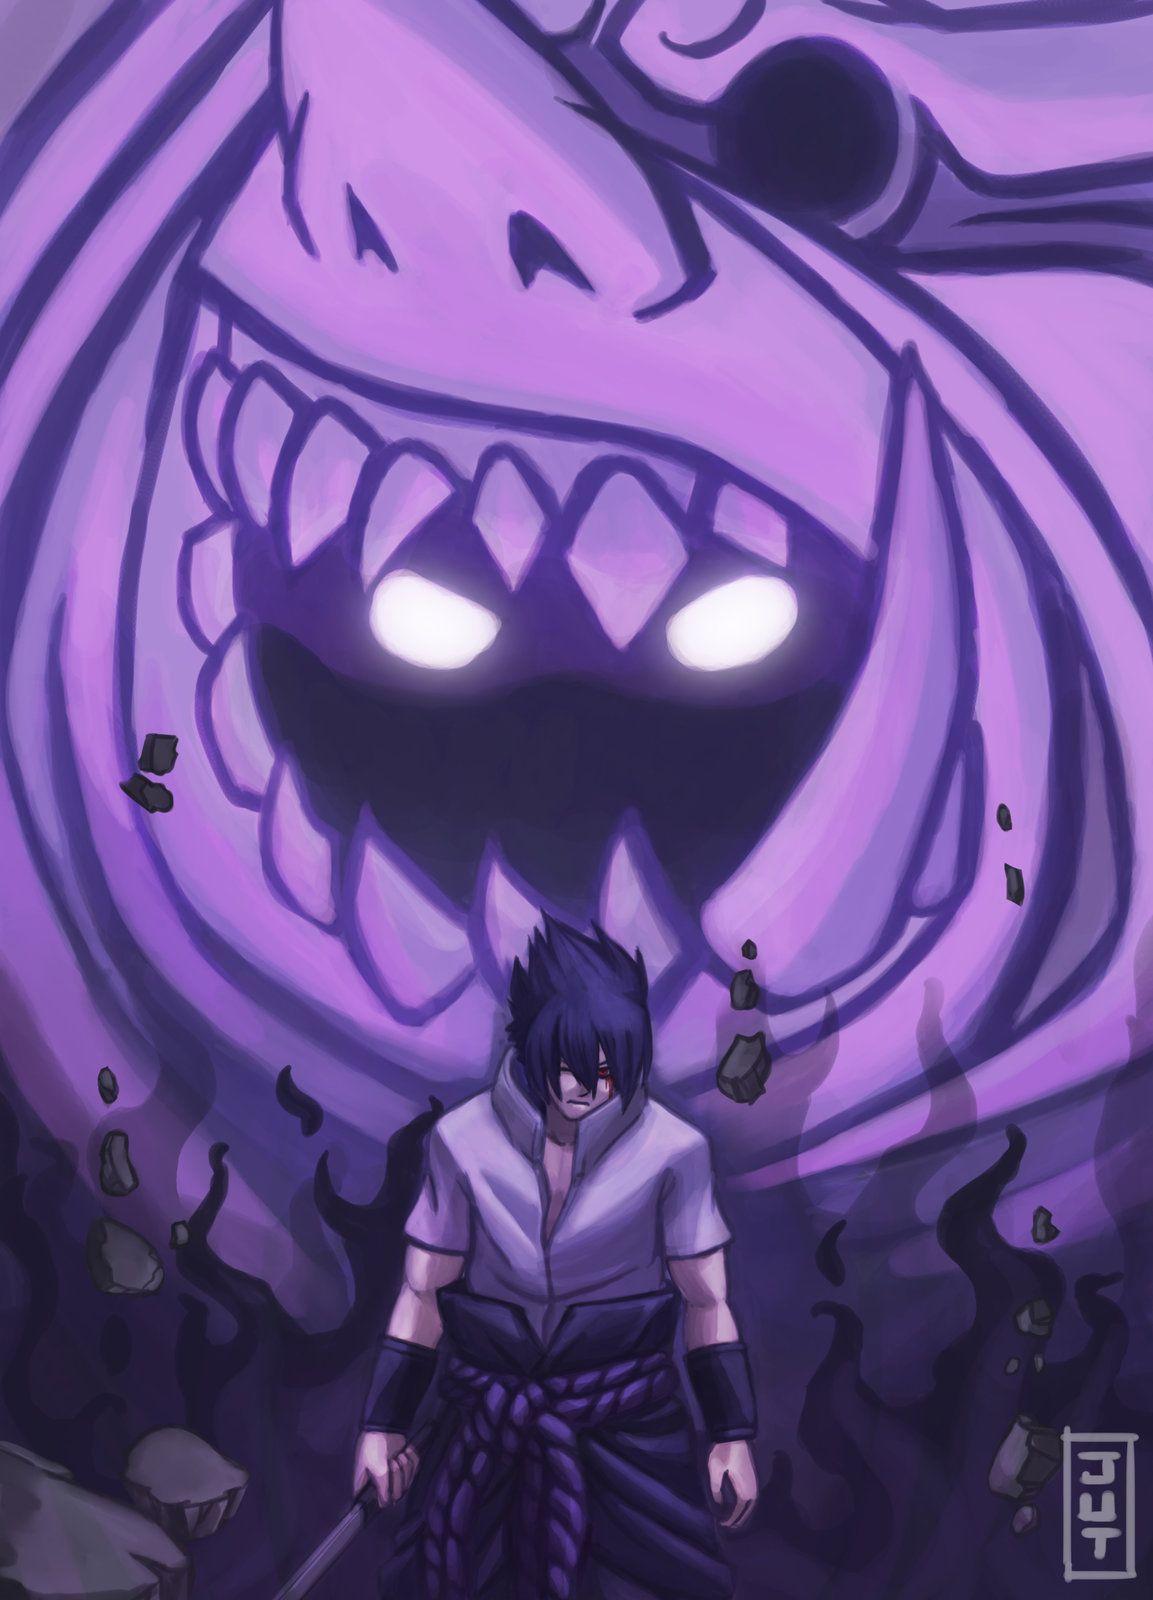 Sasuke and his susano | Naruto shippuden anime, Anime ...